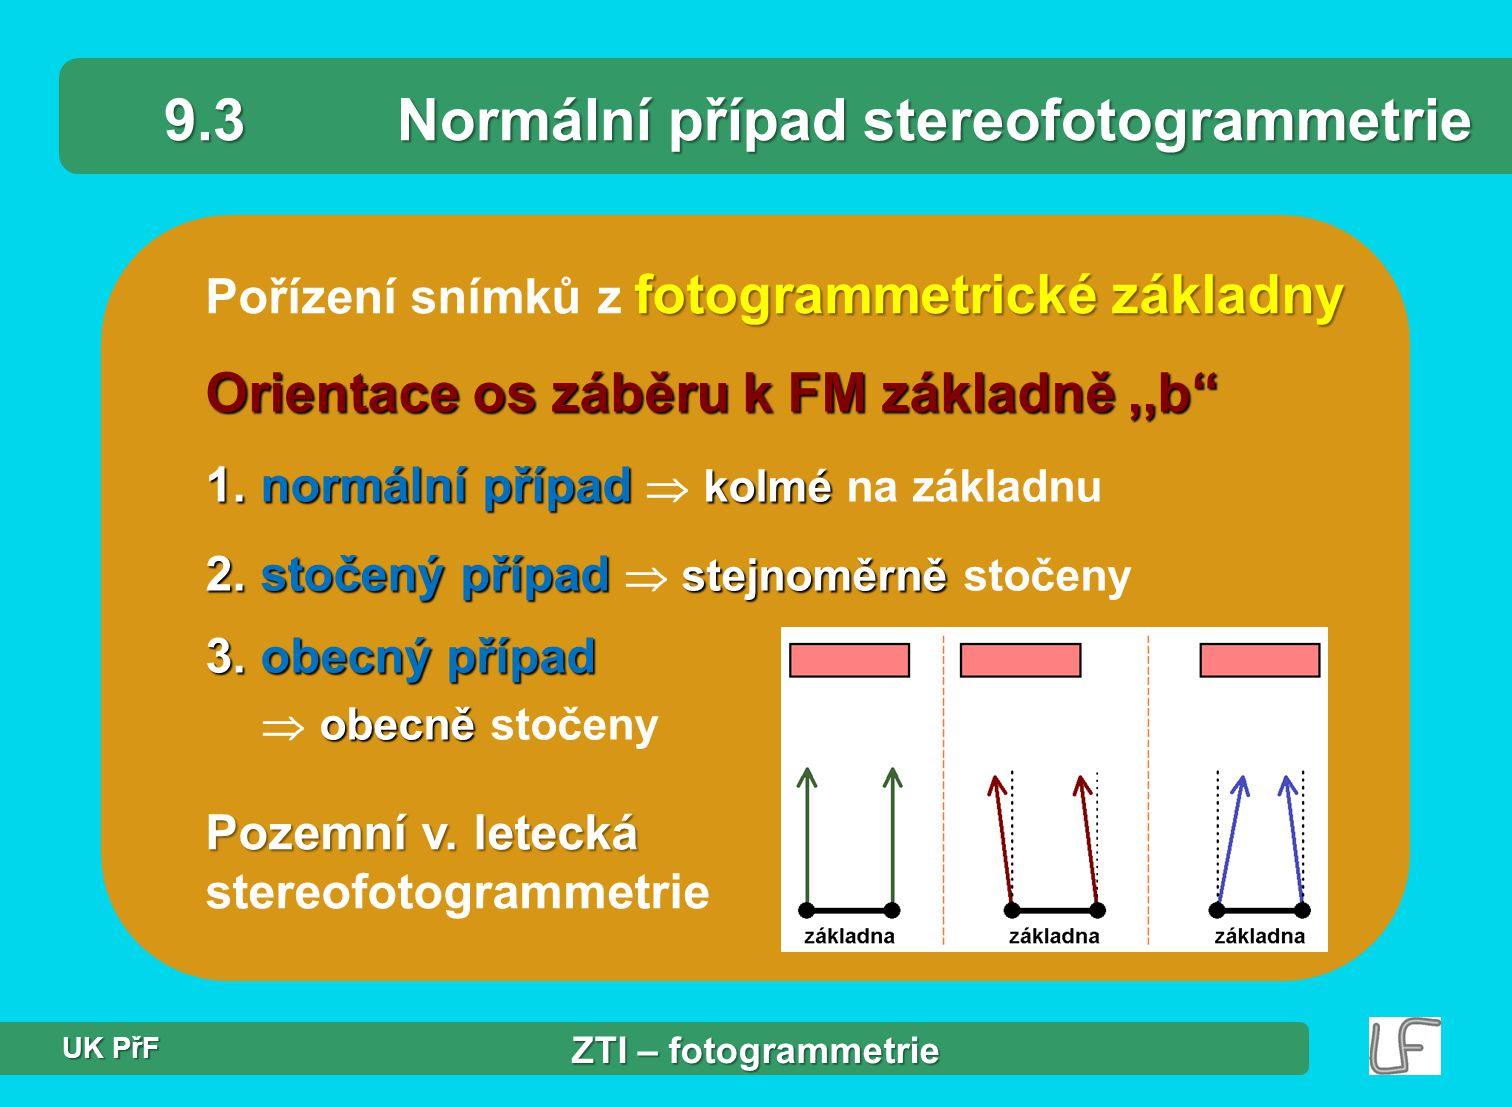 fotogrammetrické základny Pořízení snímků z fotogrammetrické základny 9.3Normální případ stereofotogrammetrie Orientace os záběru k FM základně,,b 1.